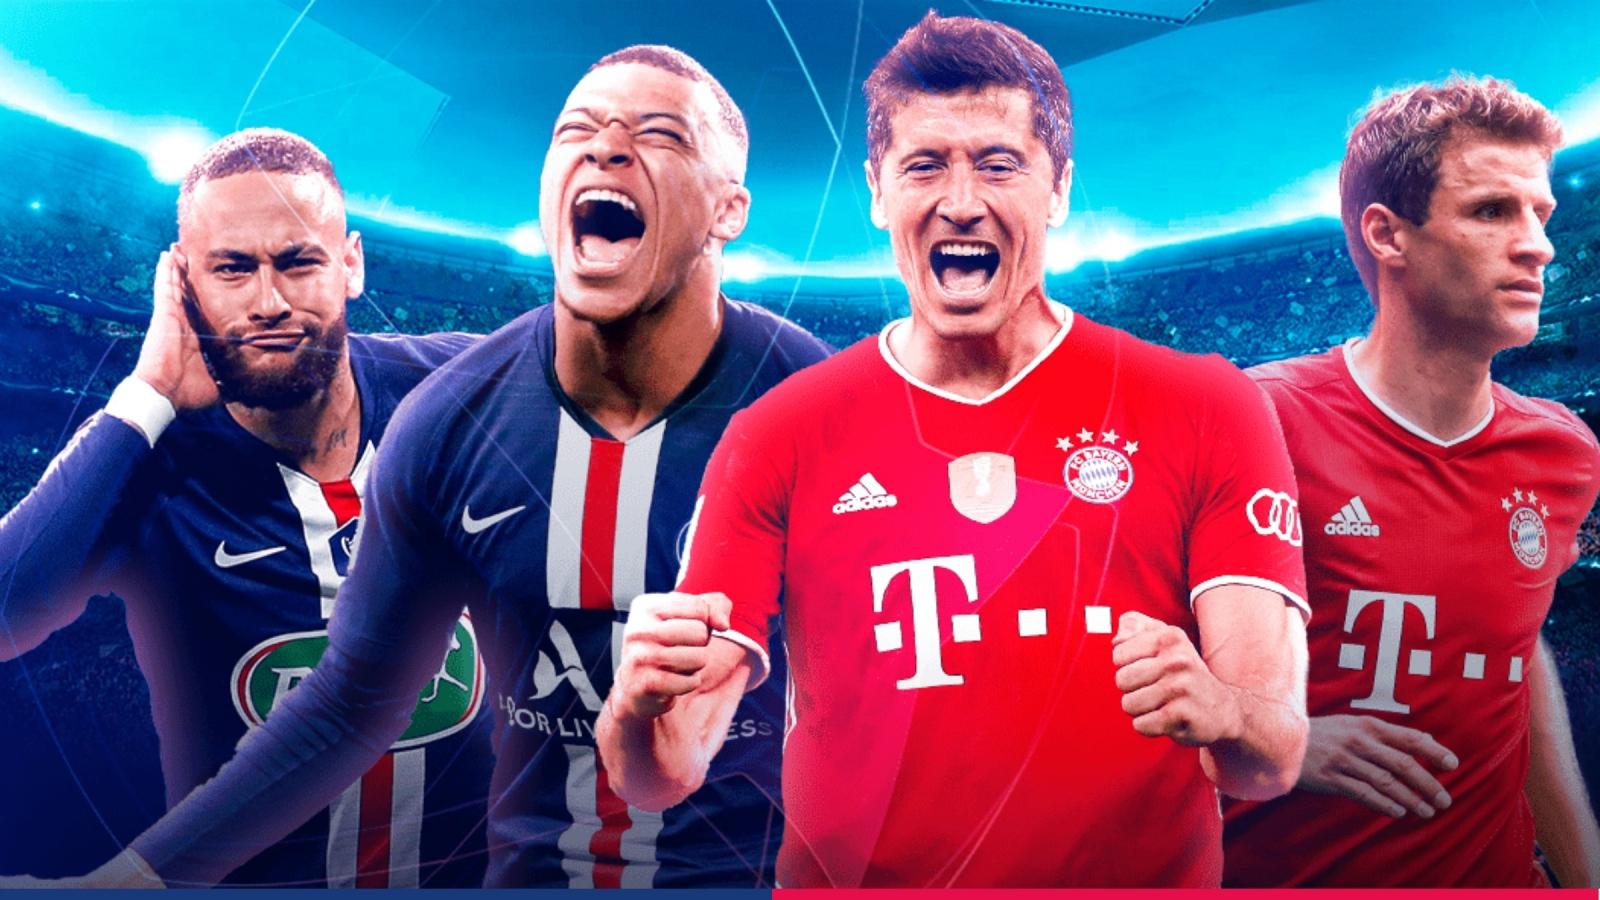 PSG – Bayern Munich: Chiến thần tranh ngai trên đỉnh Olympus